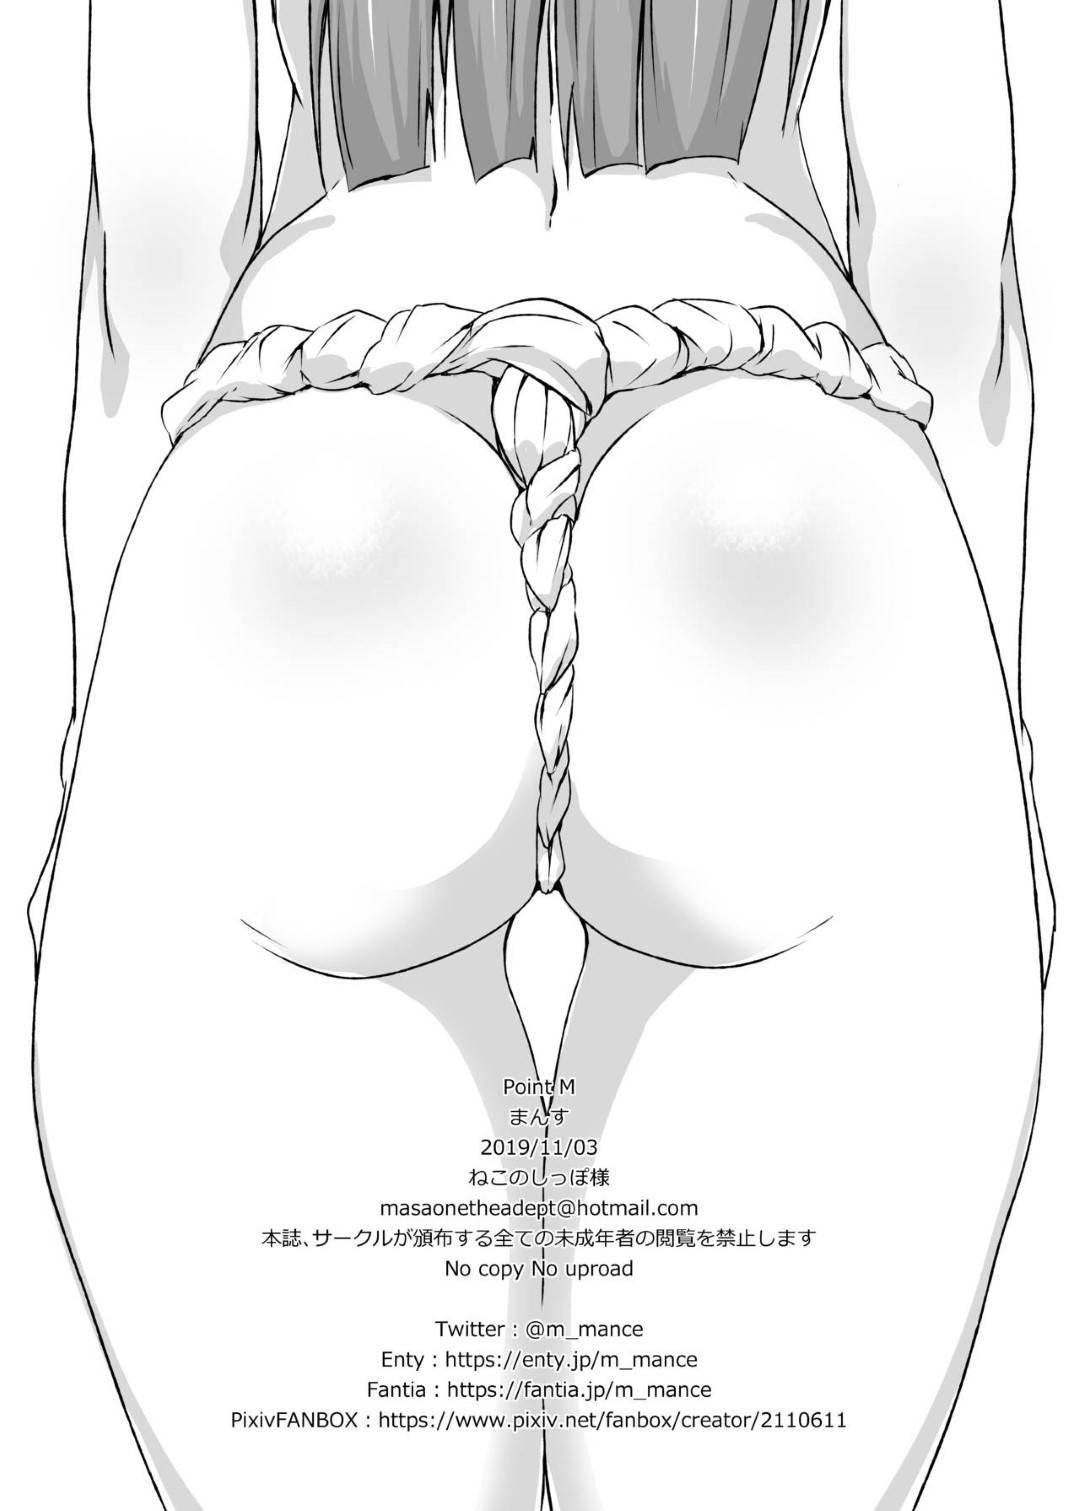 【エロ漫画】企画で奇祭があるという噂の村へと訪れたアイドルの琴葉。村人たちに神社の本殿へと連れ込まれた彼女はそこで神事と称されて乱交セックスする羽目になってしまう!